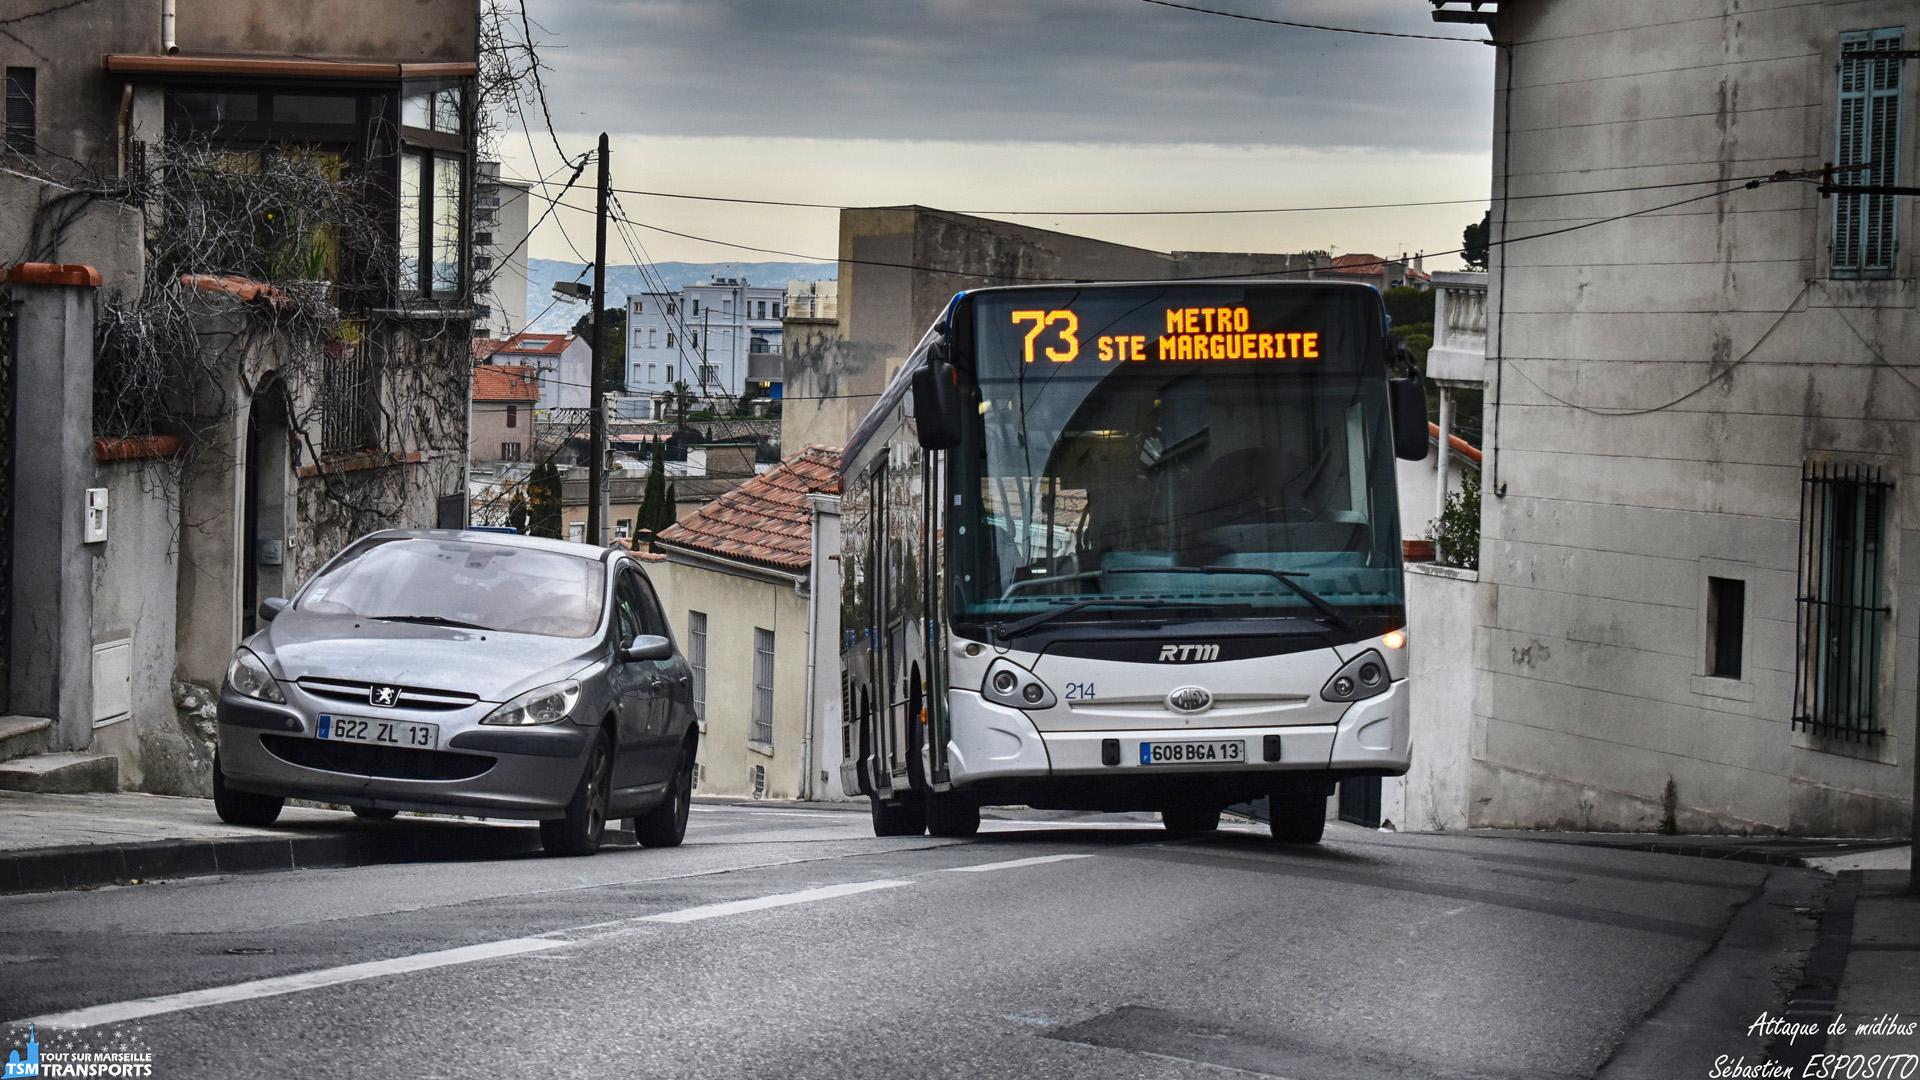 Ce GX127 surgit à la sortie d'une petite courbe du Boulevard Georges Estrangin, après l'arrêt Estrangin Roucas. . ℹ️ Heuliez Bus GX 127 RTM n°214. . 📍 Boulevard Georges Estrangin, 7eme arrondissement de Marseille. . ↔️ 73 : Métro Sainte Marguerite Dromel - Vallon de L'oriol. . 📸 Nikon D5600. . 📷 Nikkor 18-55mm. . 📅 4 Janvier 2019 à 15:47. . 👨 Sébastien ESPOSITO.